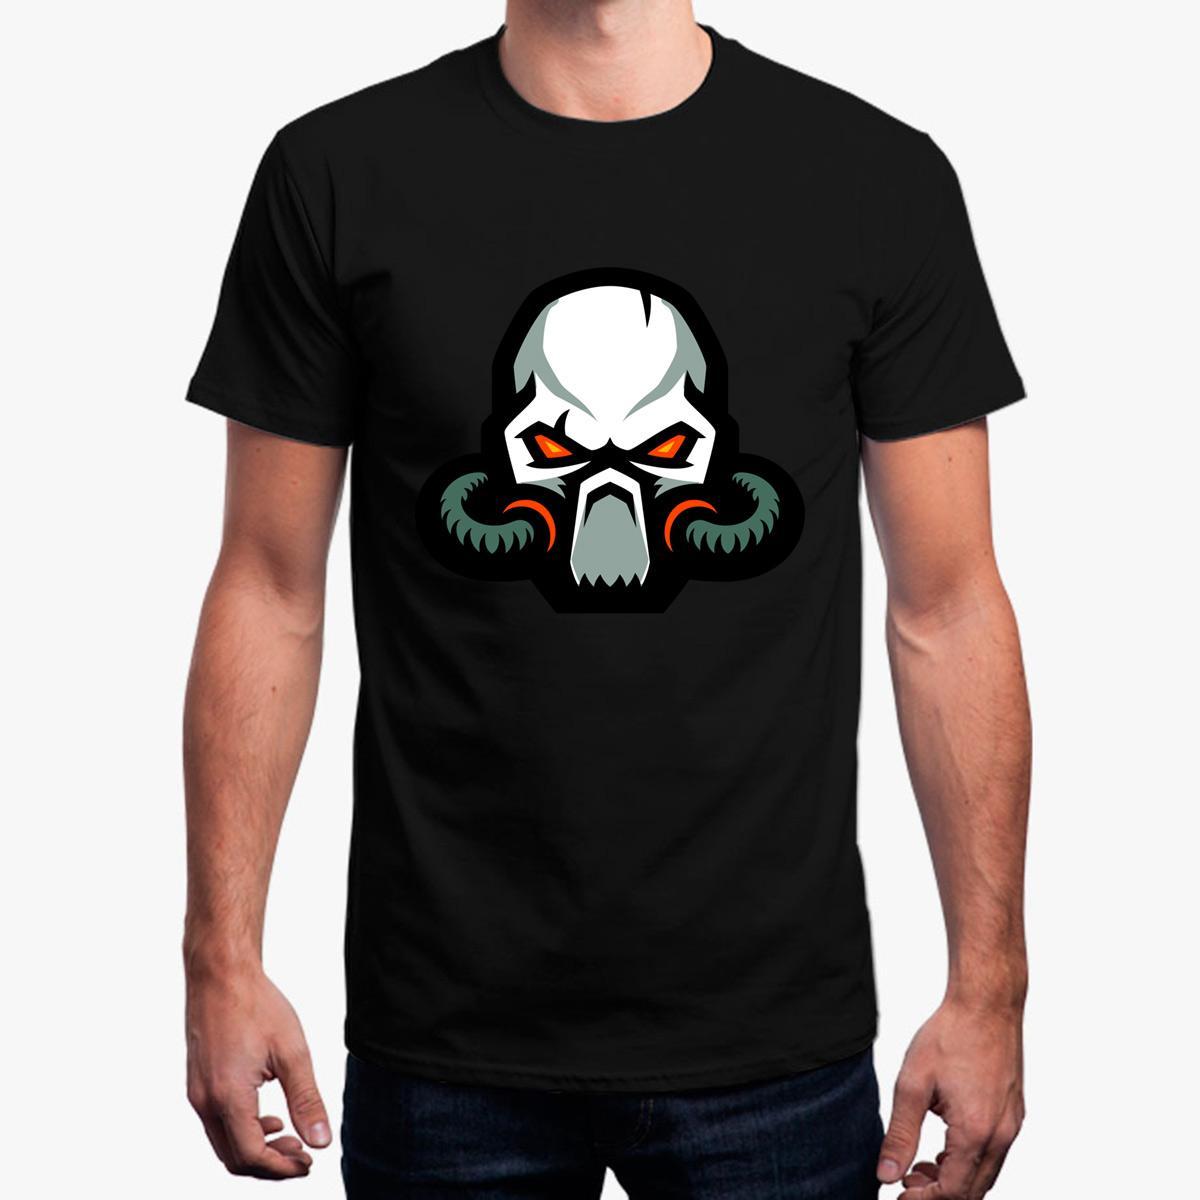 Impresso Camiseta Dexxongaming Tshirt Roupas O-pescoço Verão de Manga Curta T-Shirt Homem S-3xl Design Tops T Shirt Para Hombres